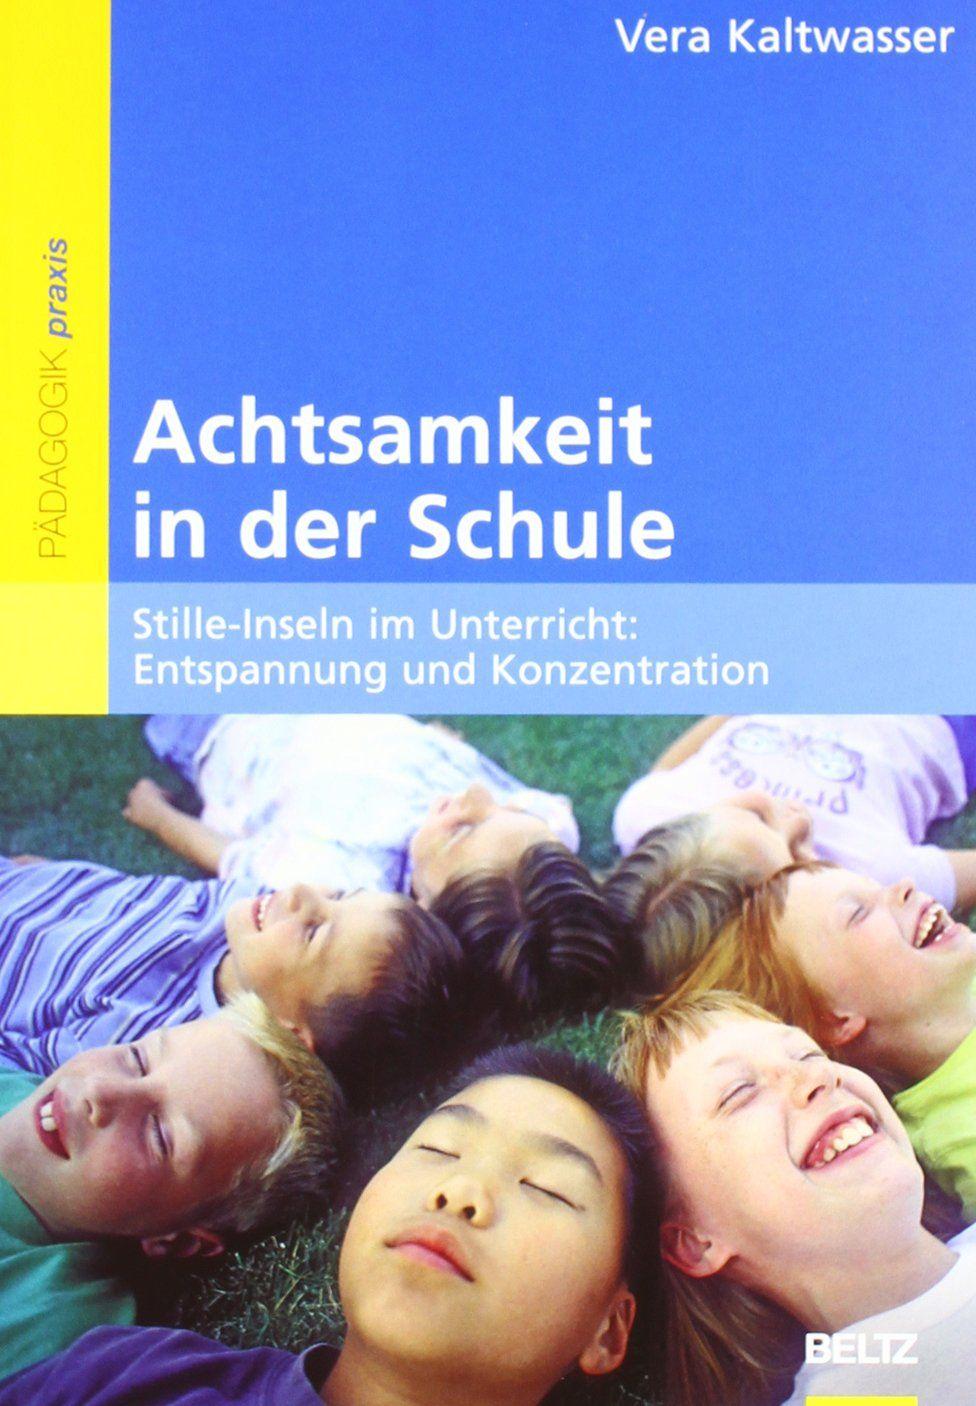 Achtsamkeit in der Schule: Stille-Inseln im Unterricht: Entspannung und Konzentration: Amazon.de: Vera Kaltwasser, Klaus Hurrelmann: Bücher